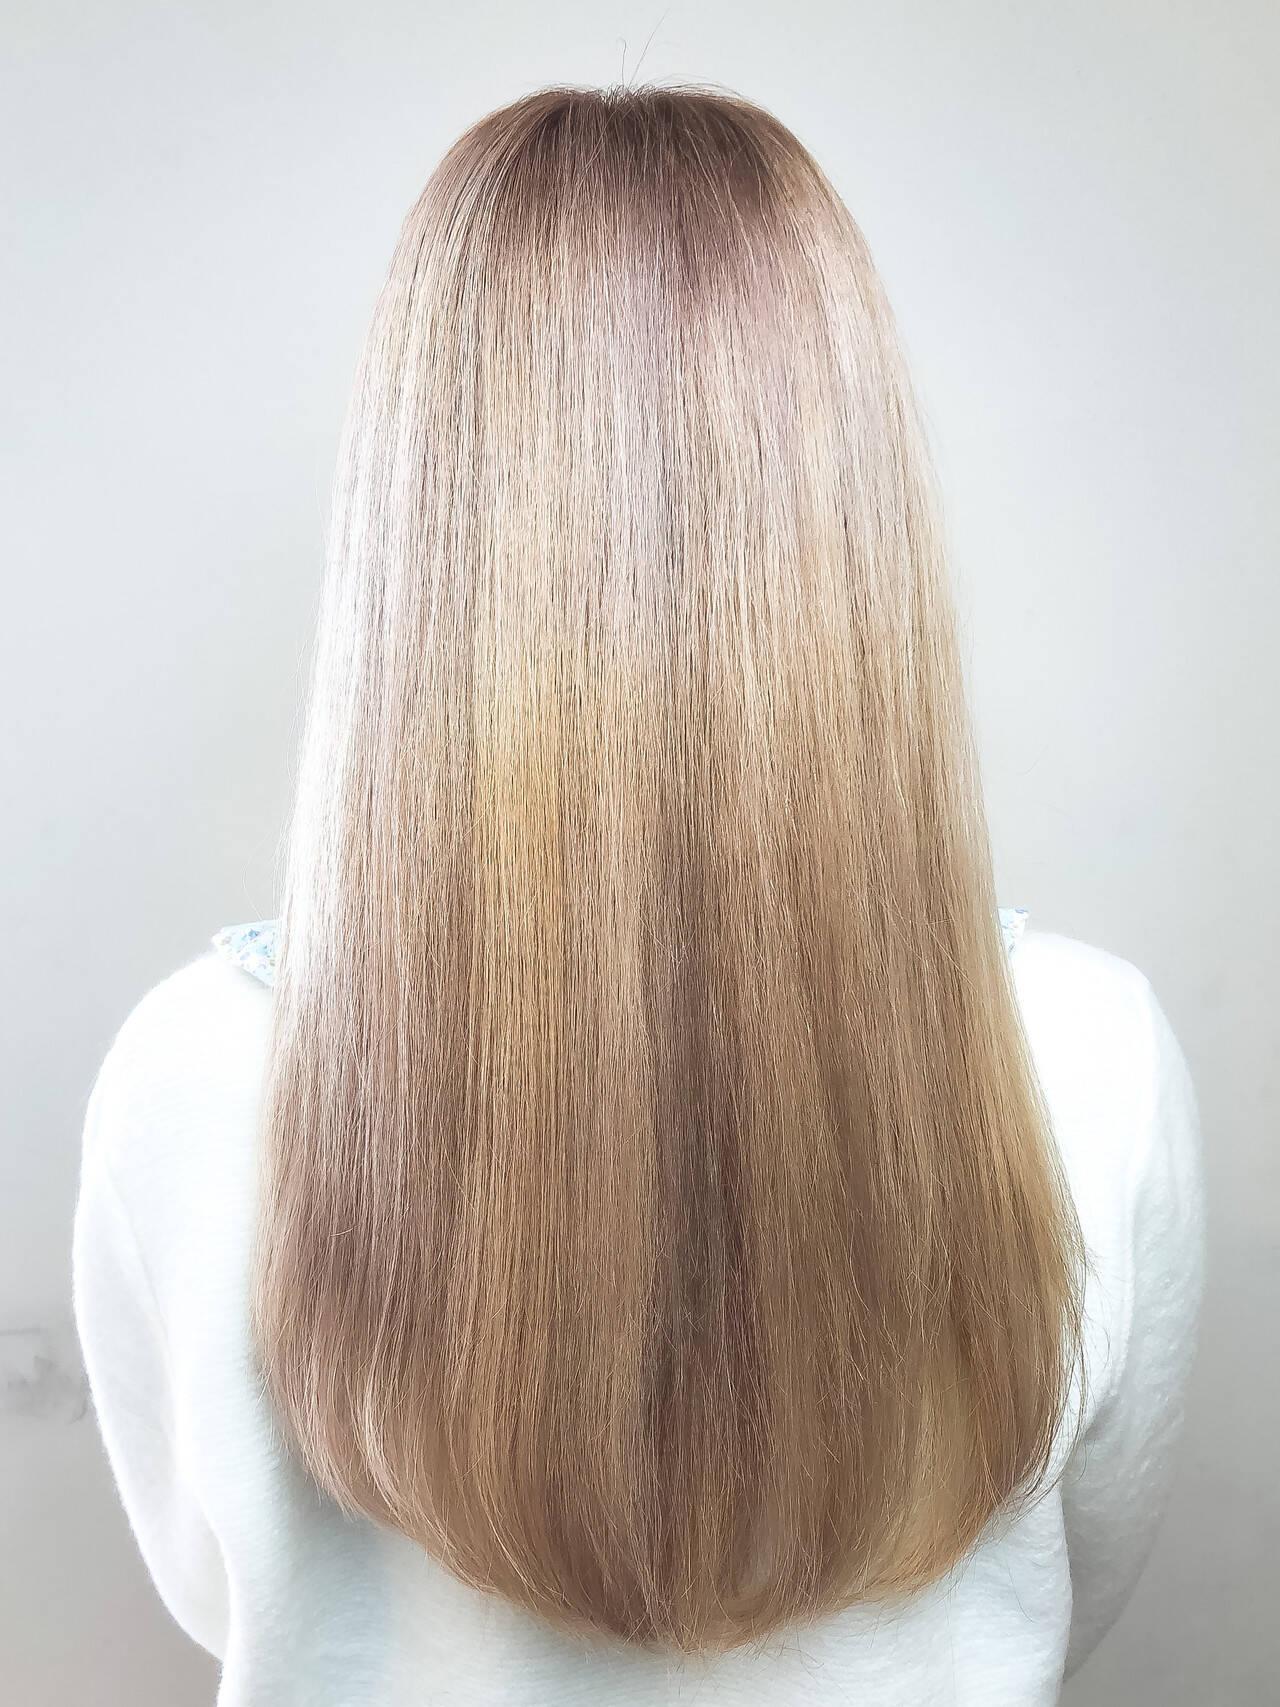 ブリーチ 外国人風 ハイトーン ロングヘアスタイルや髪型の写真・画像